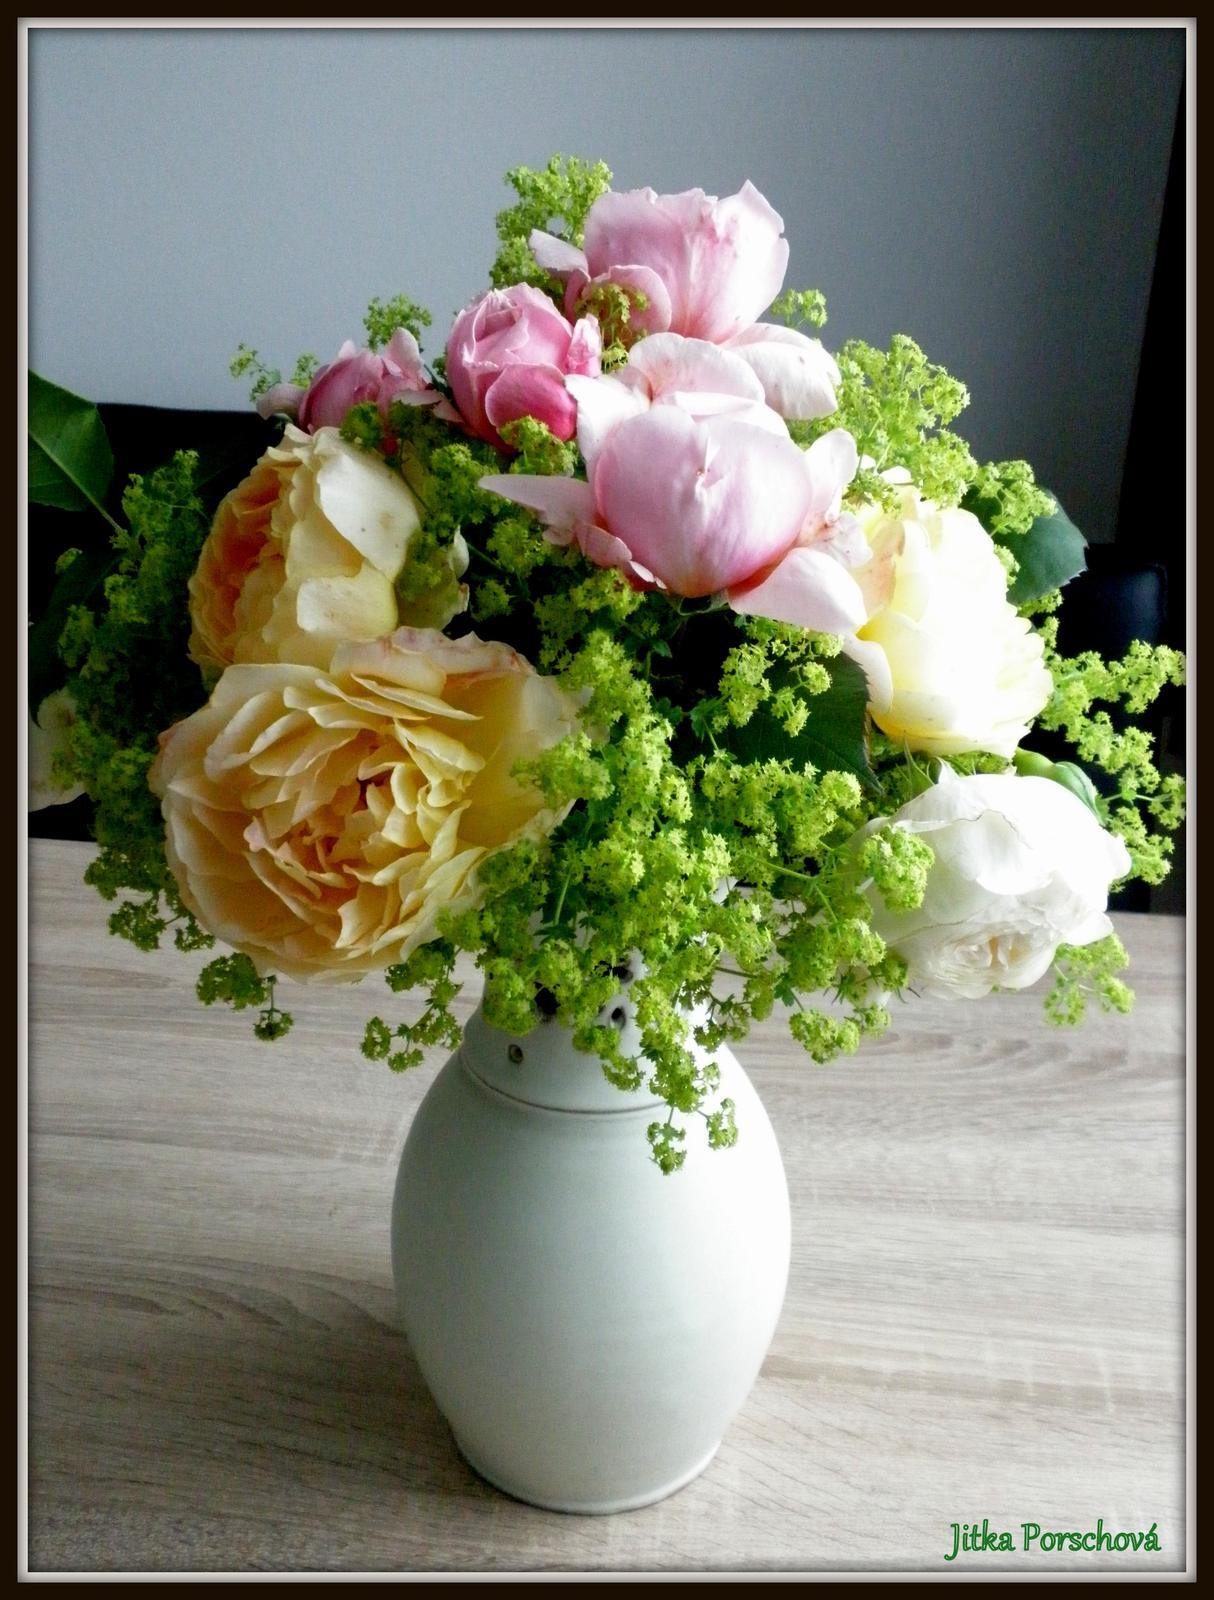 Trocha dekorace doma. - Uloupila jsem si ze zahrady mé milované anglické růže a květy kontryhele.